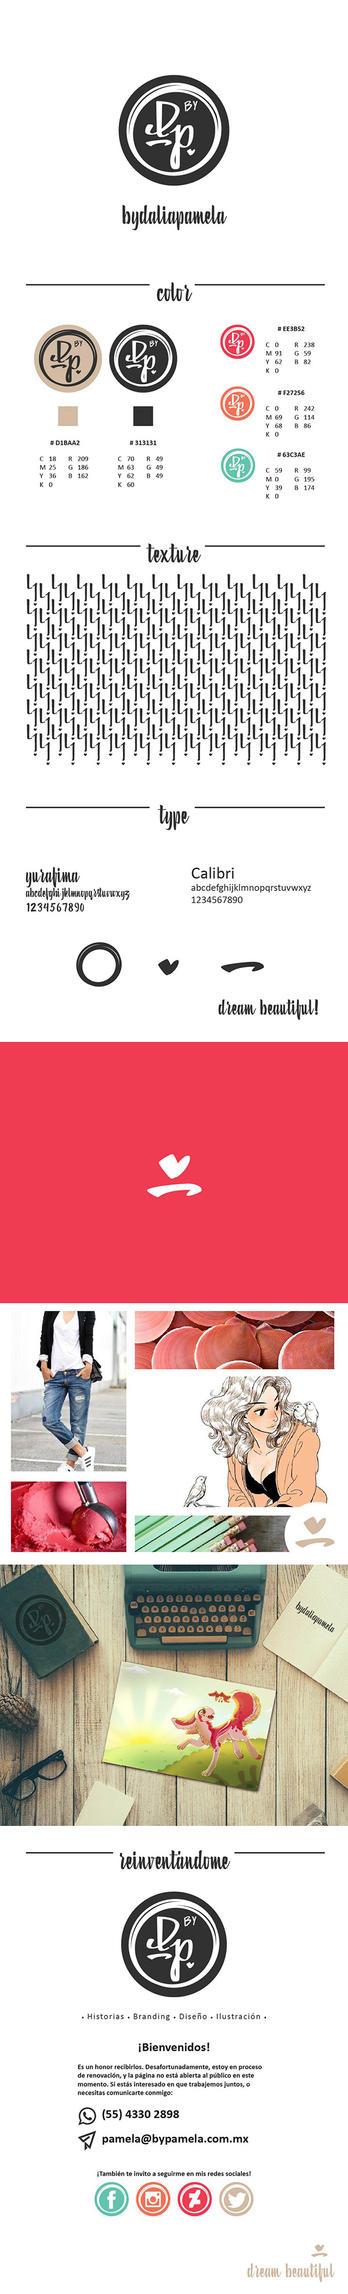 byDaliaPamela brand guide by byDaliaPamela